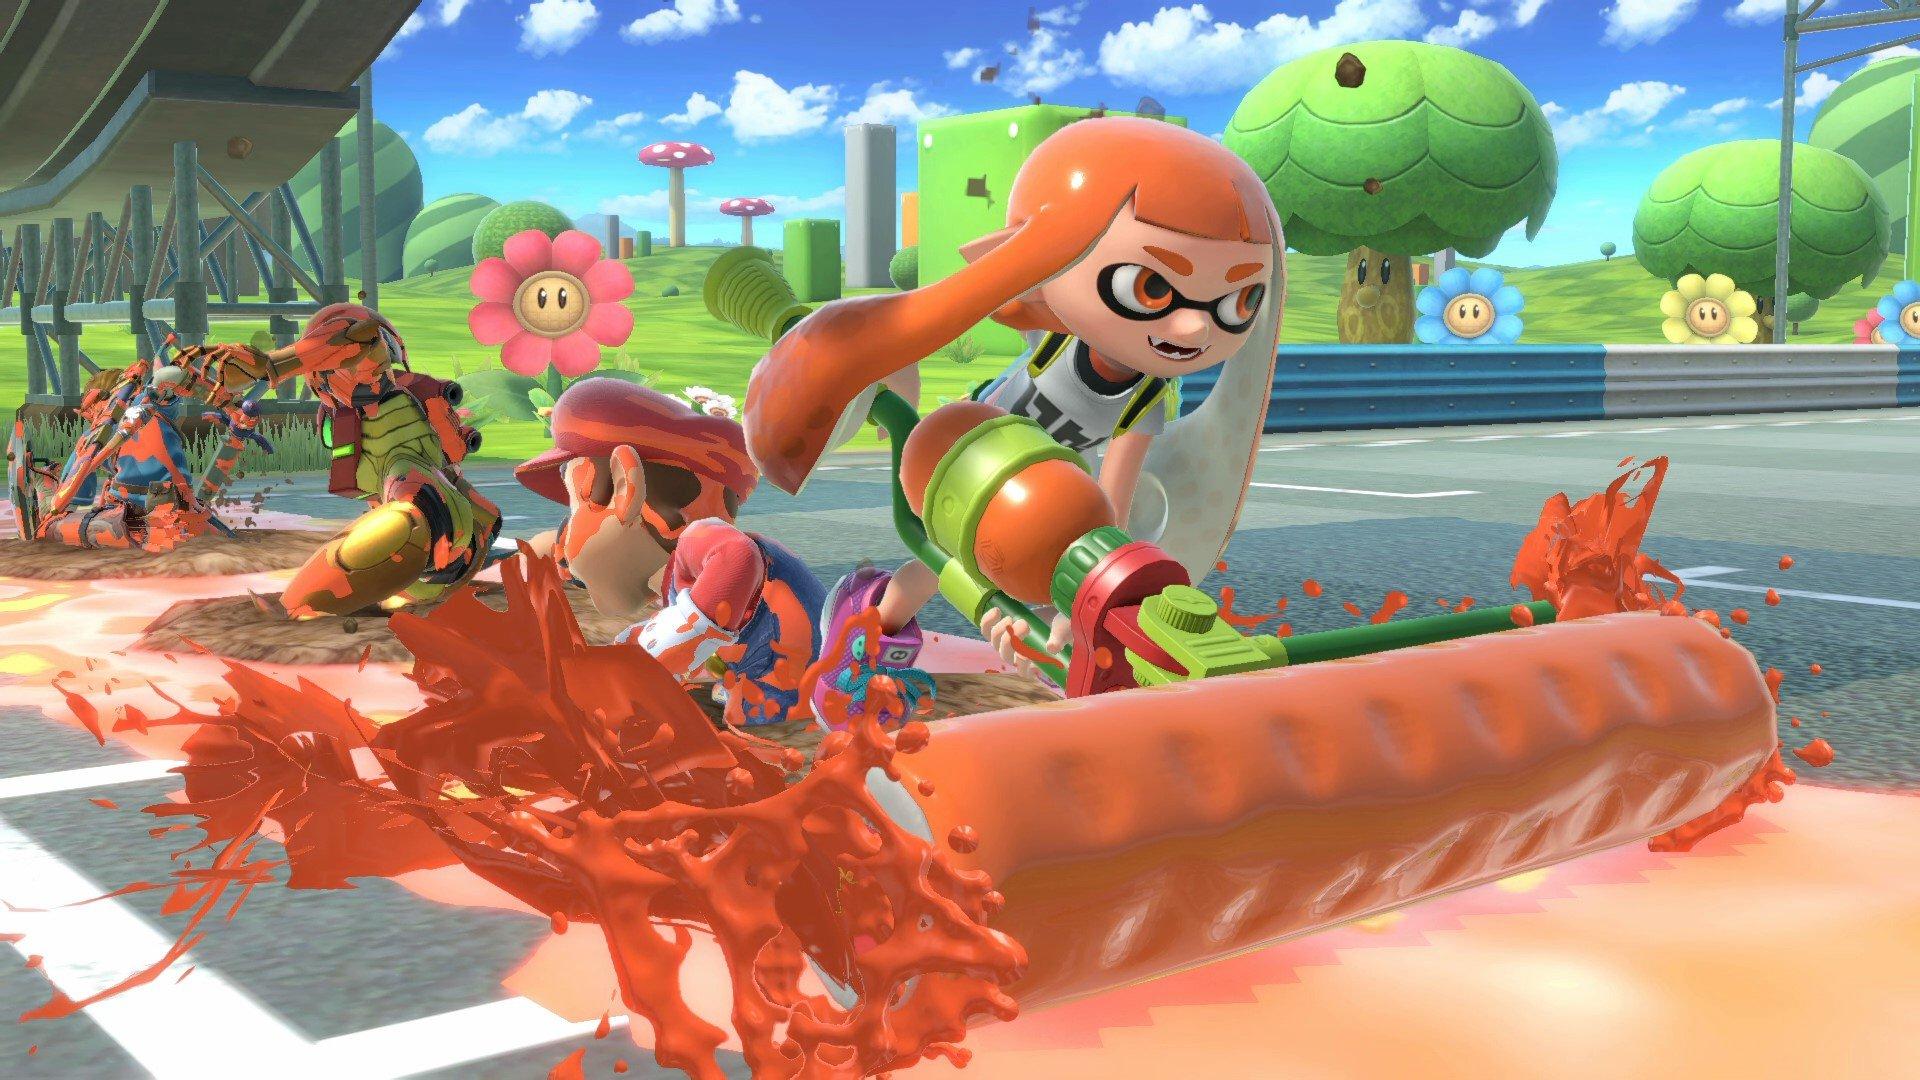 Super Smash Bros. Ultimate (Nintendo Switch) News, Reviews, Trailer & Screenshots